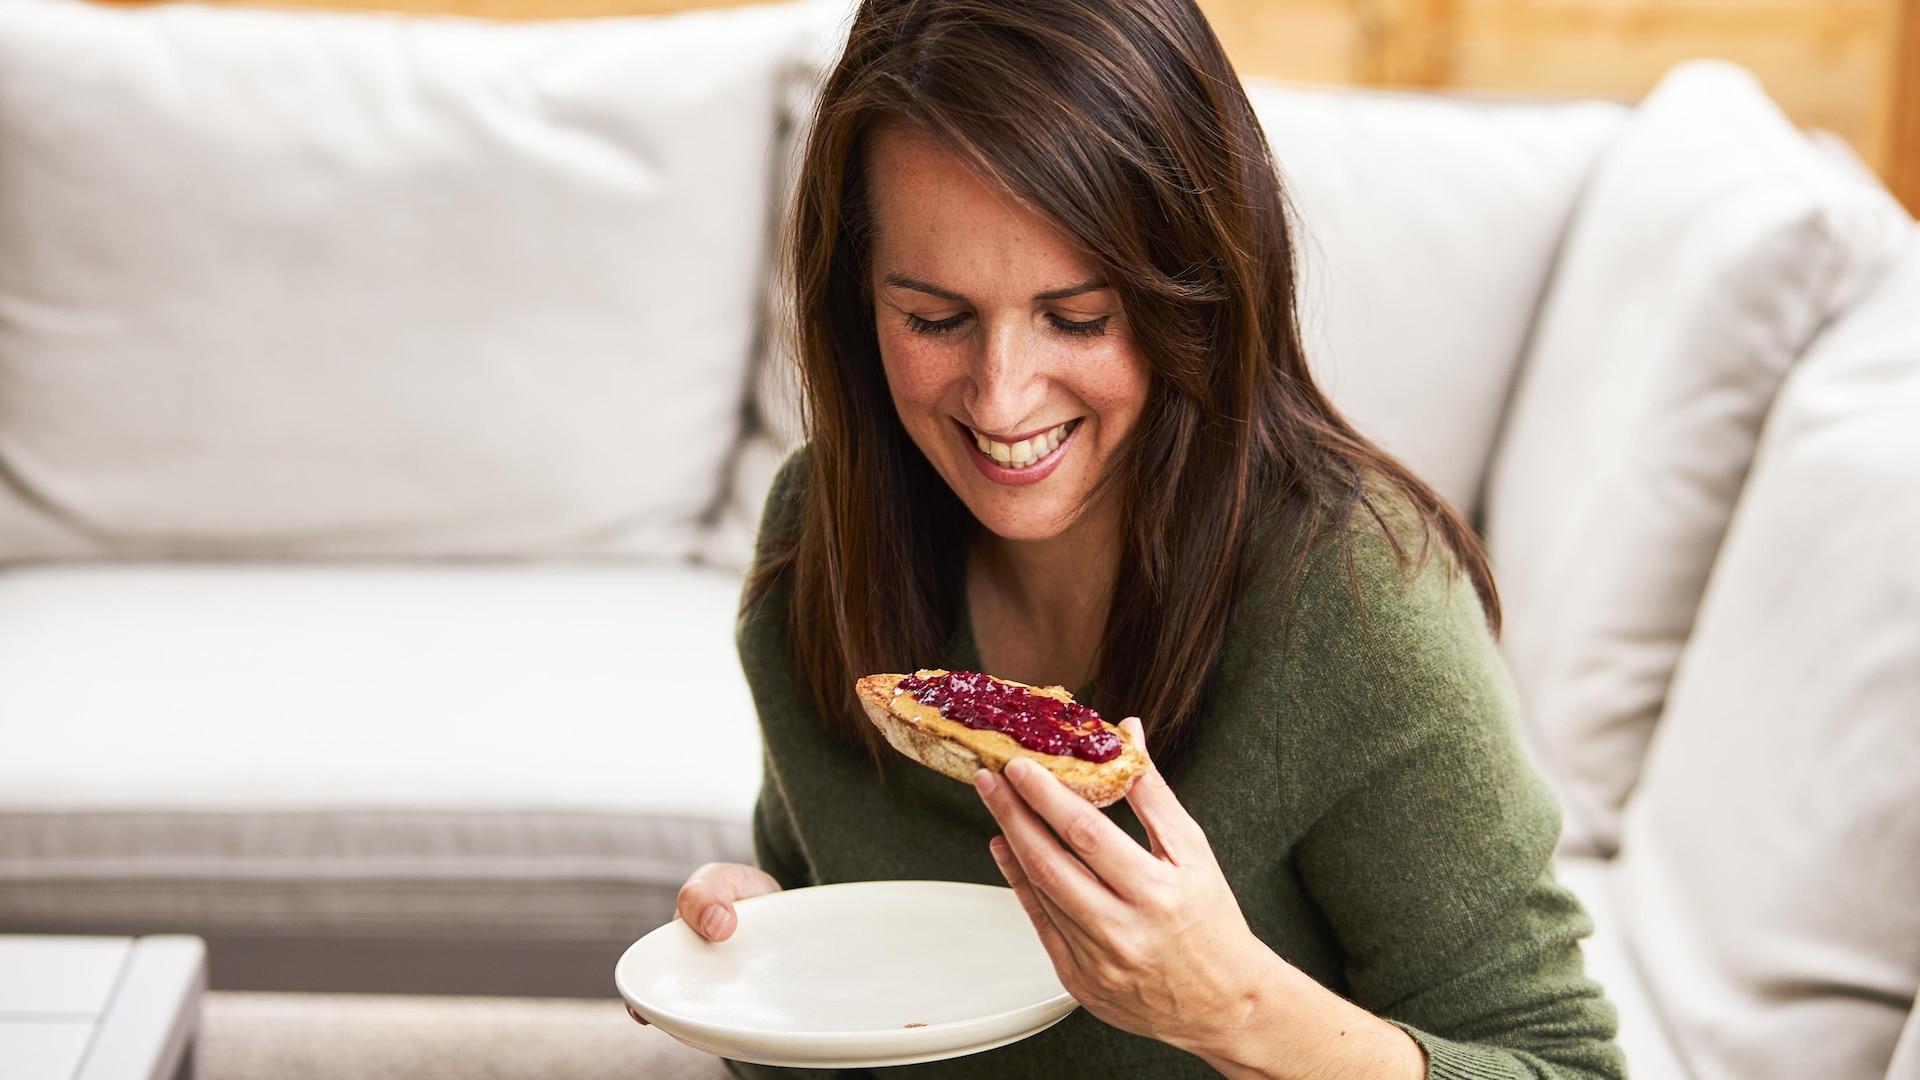 Geneviève O'Gleman qui s'apprête à manger une tranche de pain garnie de beurre d'arachide et de confiture.